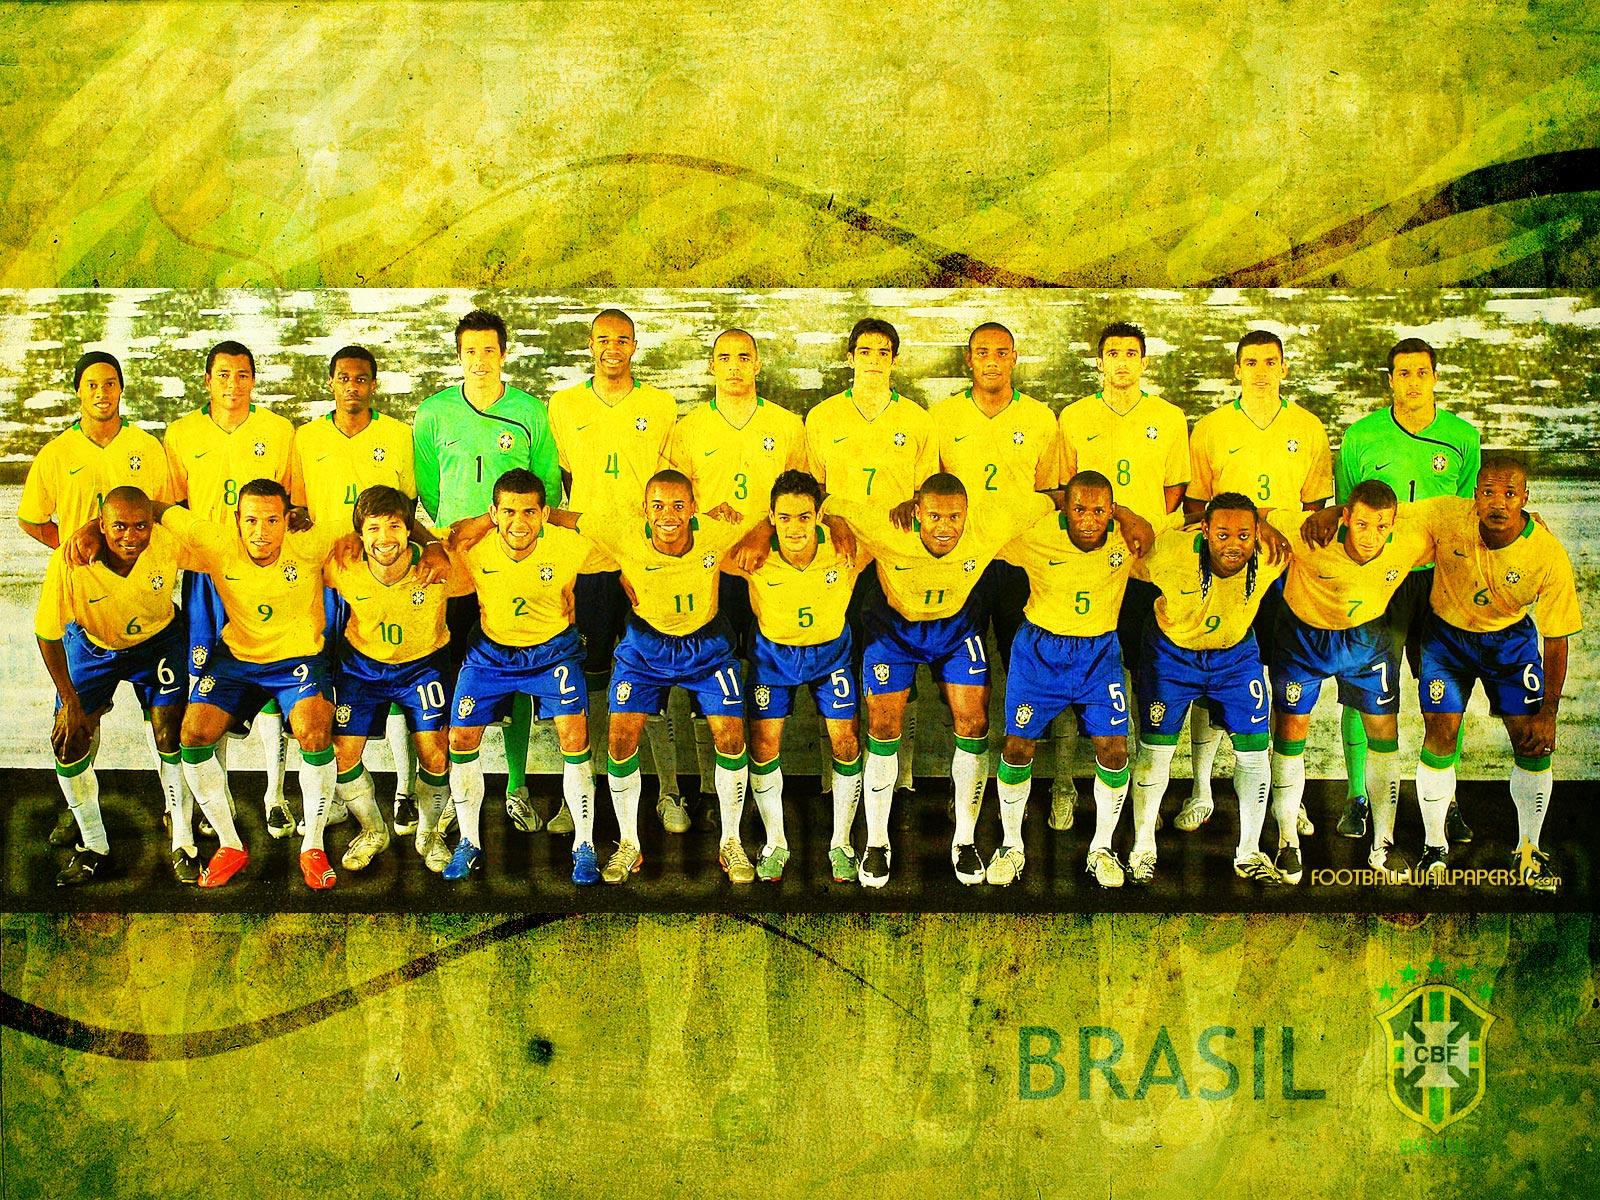 Brazil. 04:51 ali r1za